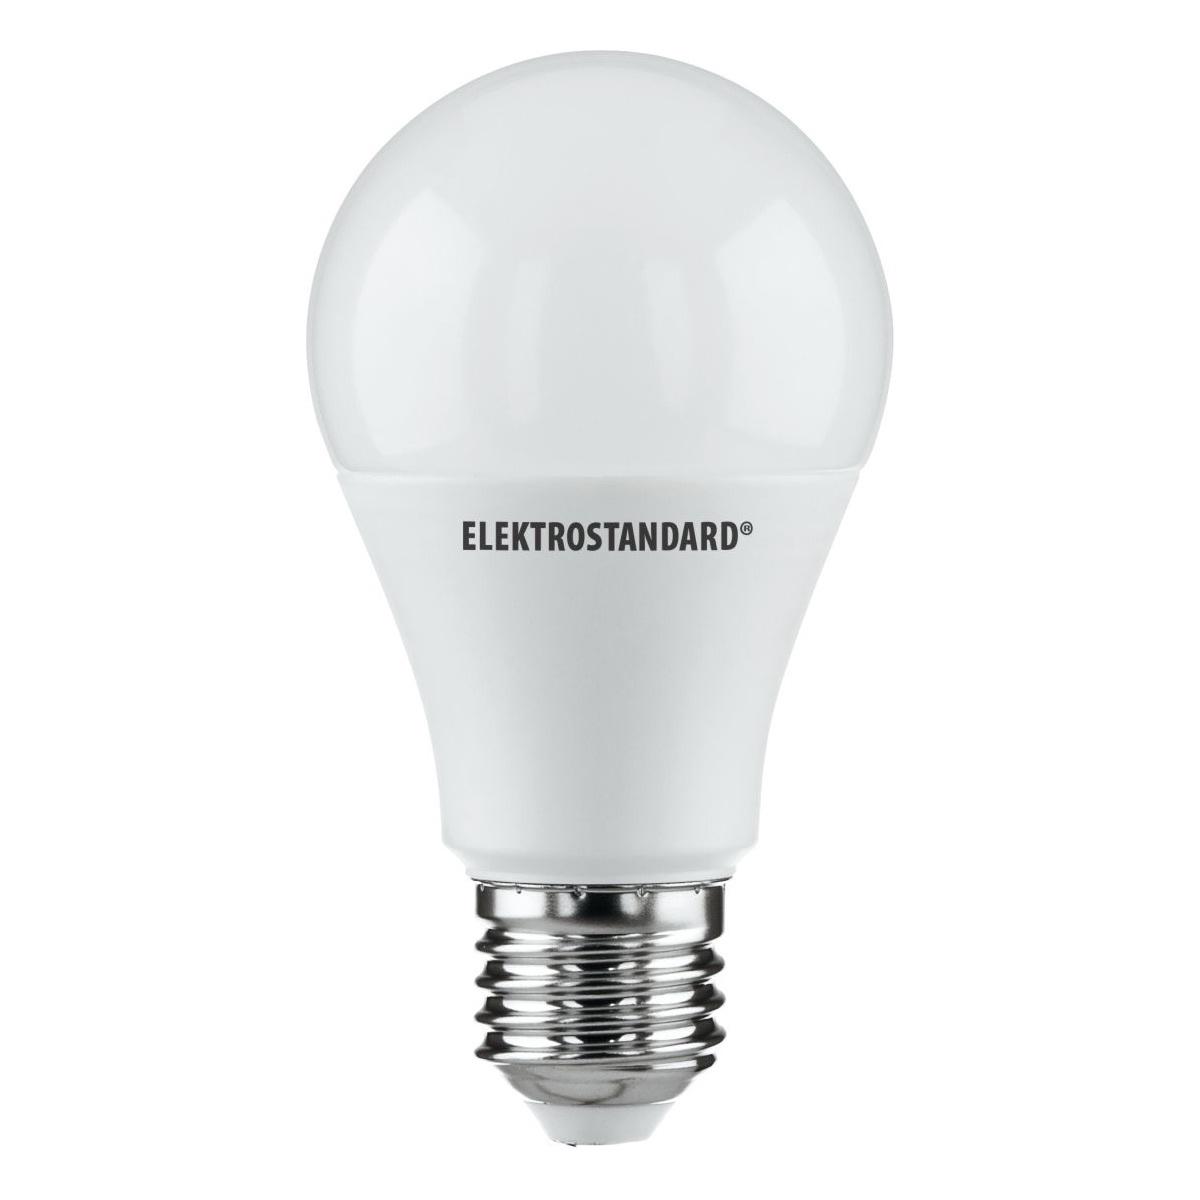 Лампочка Elektrostandard светодиодная Classic LED D 10W 3300K E27, Теплый свет 10 Вт, Светодиодная лампы светодиодная elektrostandard classic led d 7w 4200k e27